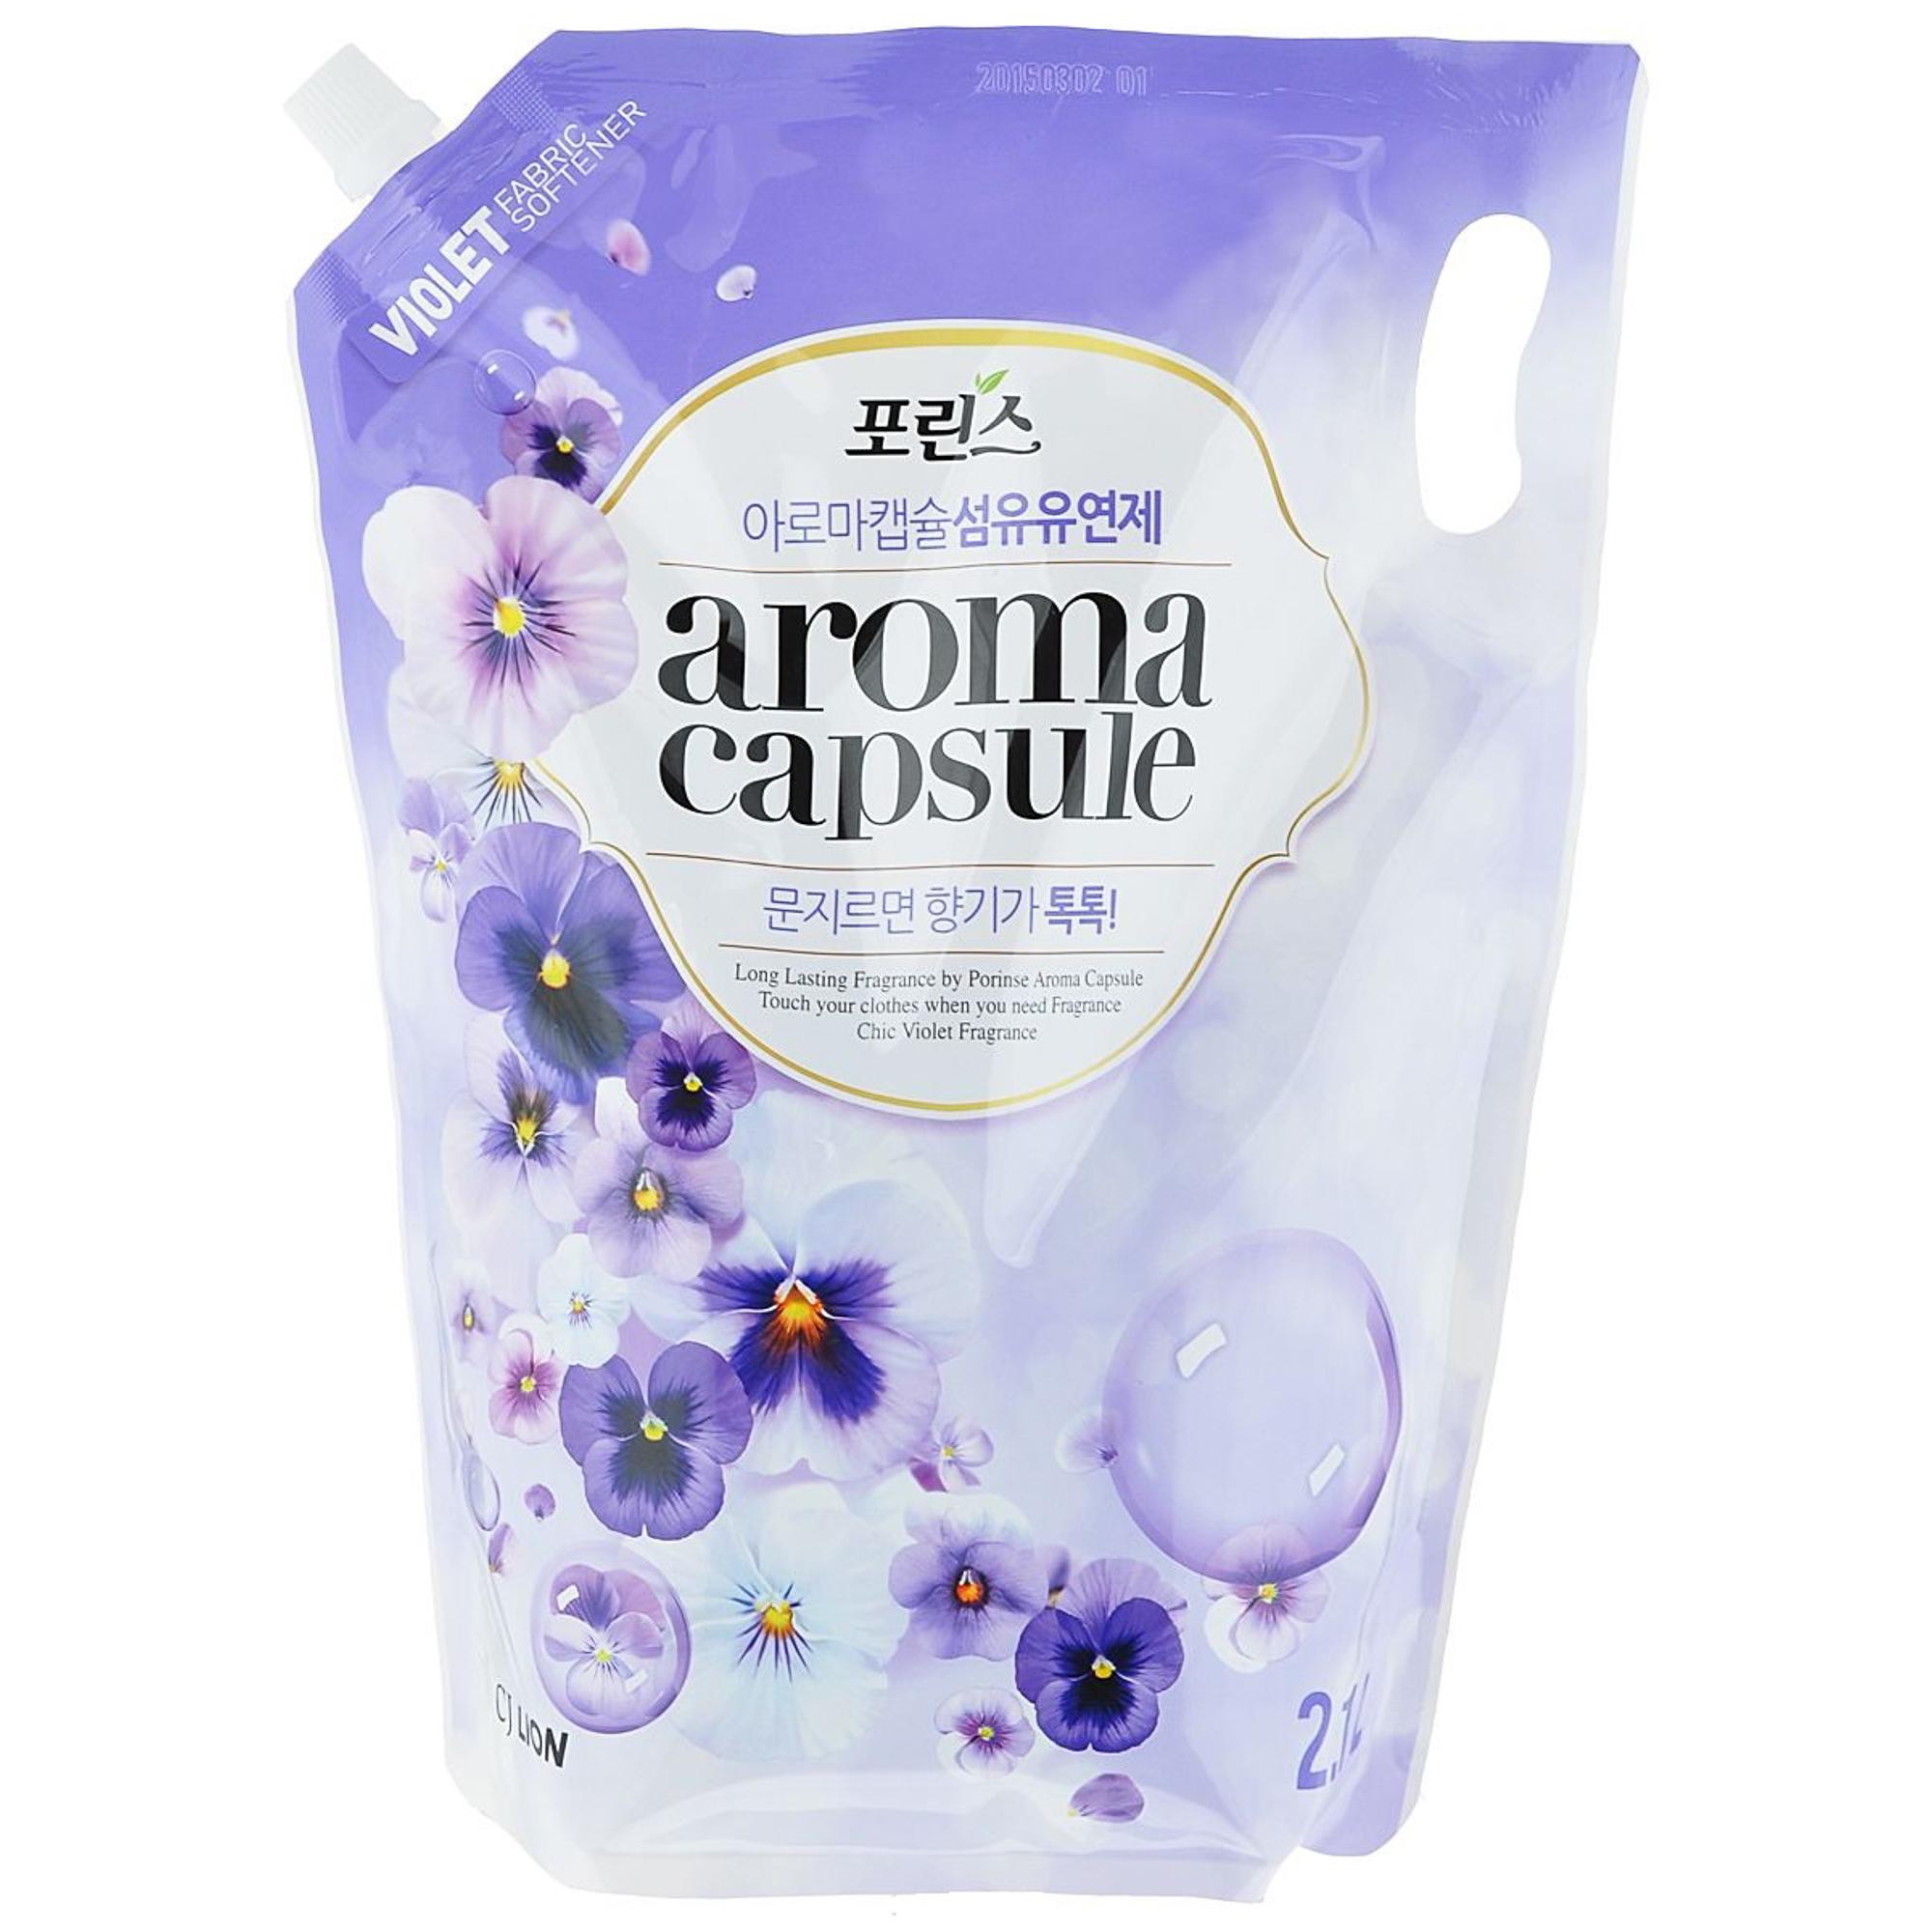 Кондиционер для белья CJ Lion Porinse Aroma Capsule с ароматом фиалки 2.1 л